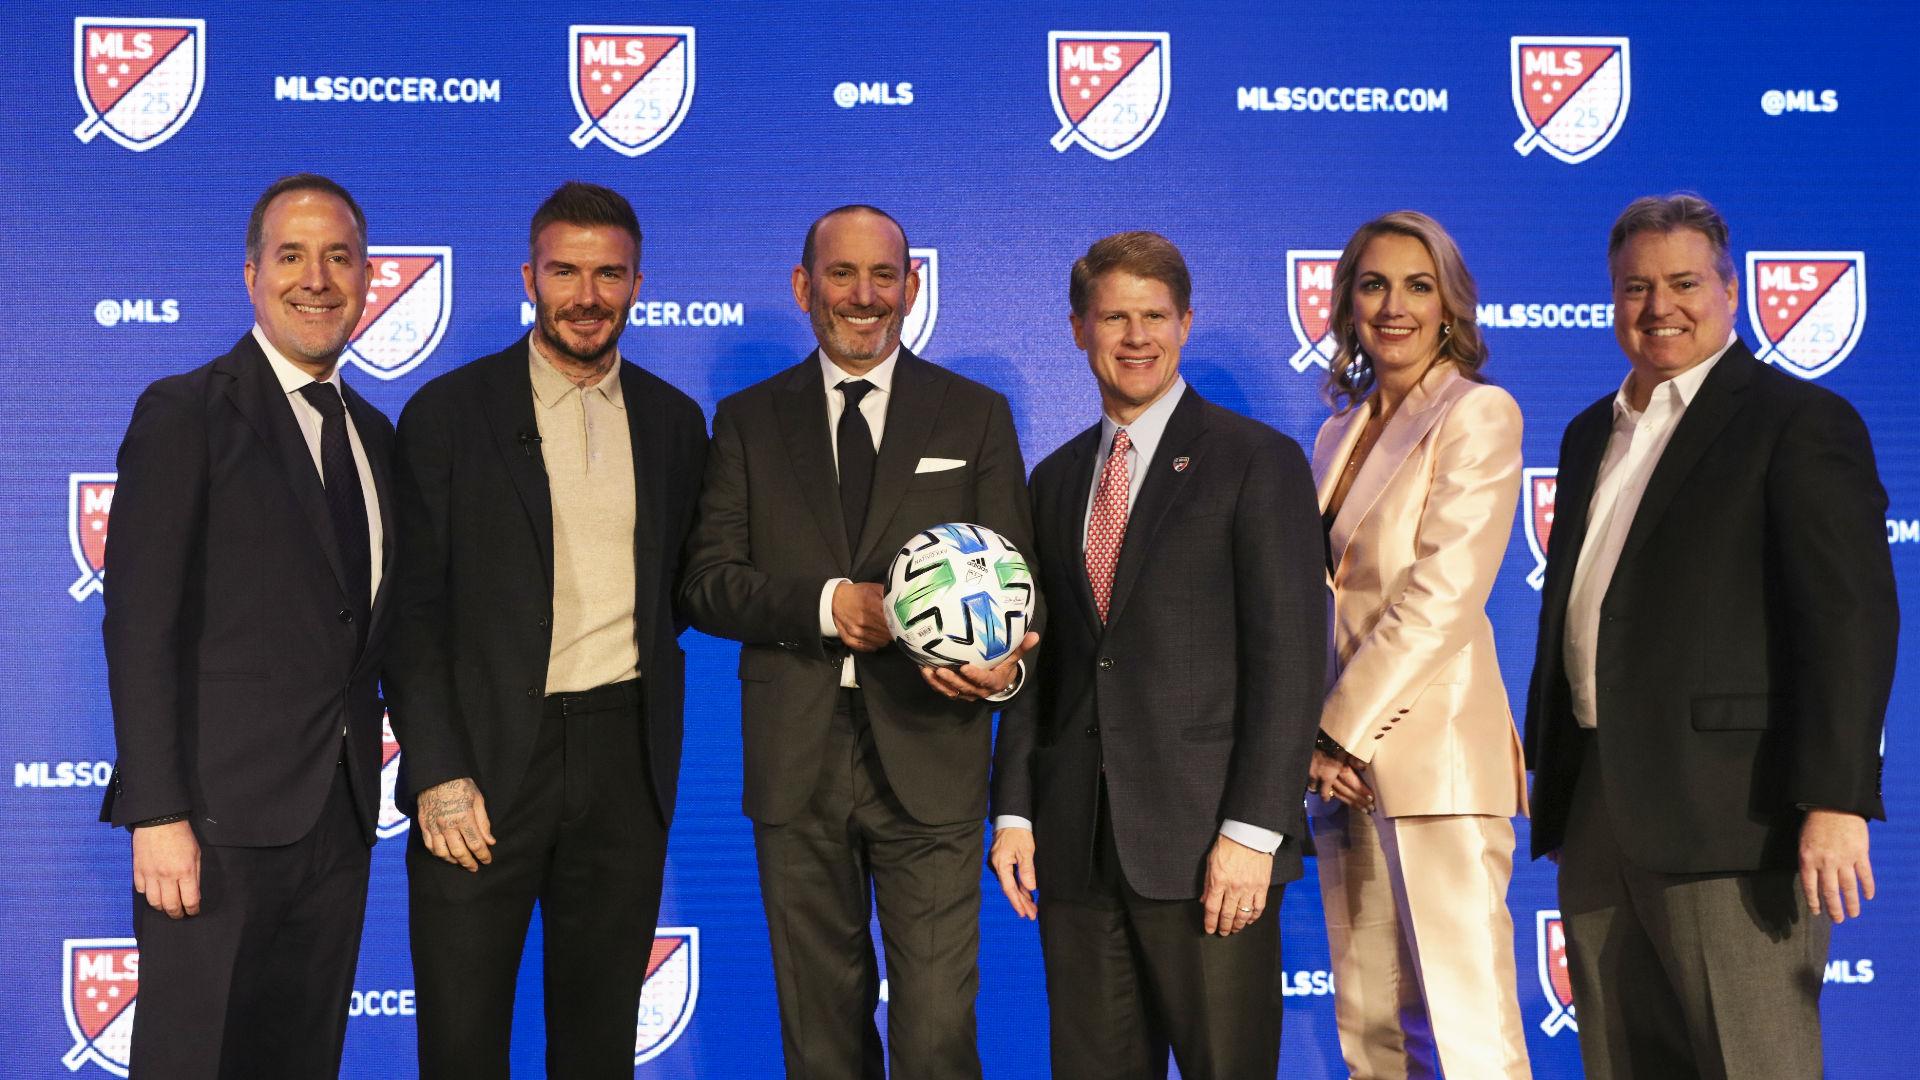 El propietario de LAFC ve que la MLS pasa el béisbol y el hockey en popularidad en los EE. UU. 28